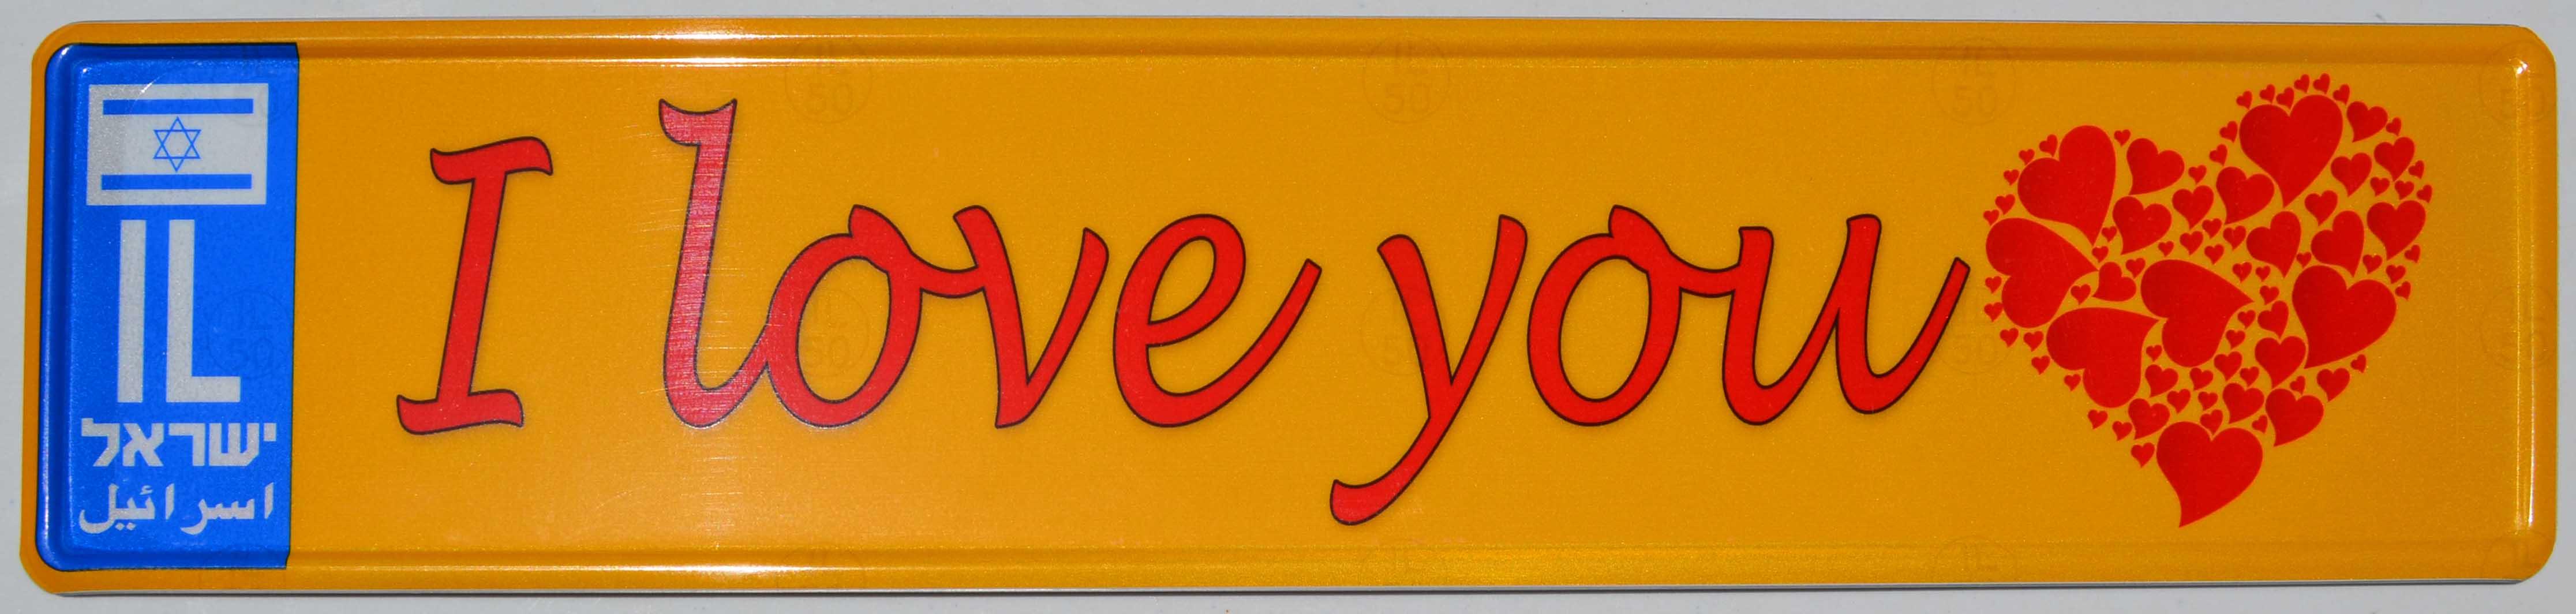 לוחית רישוי 11/52 ס''מ I LOVE YOU